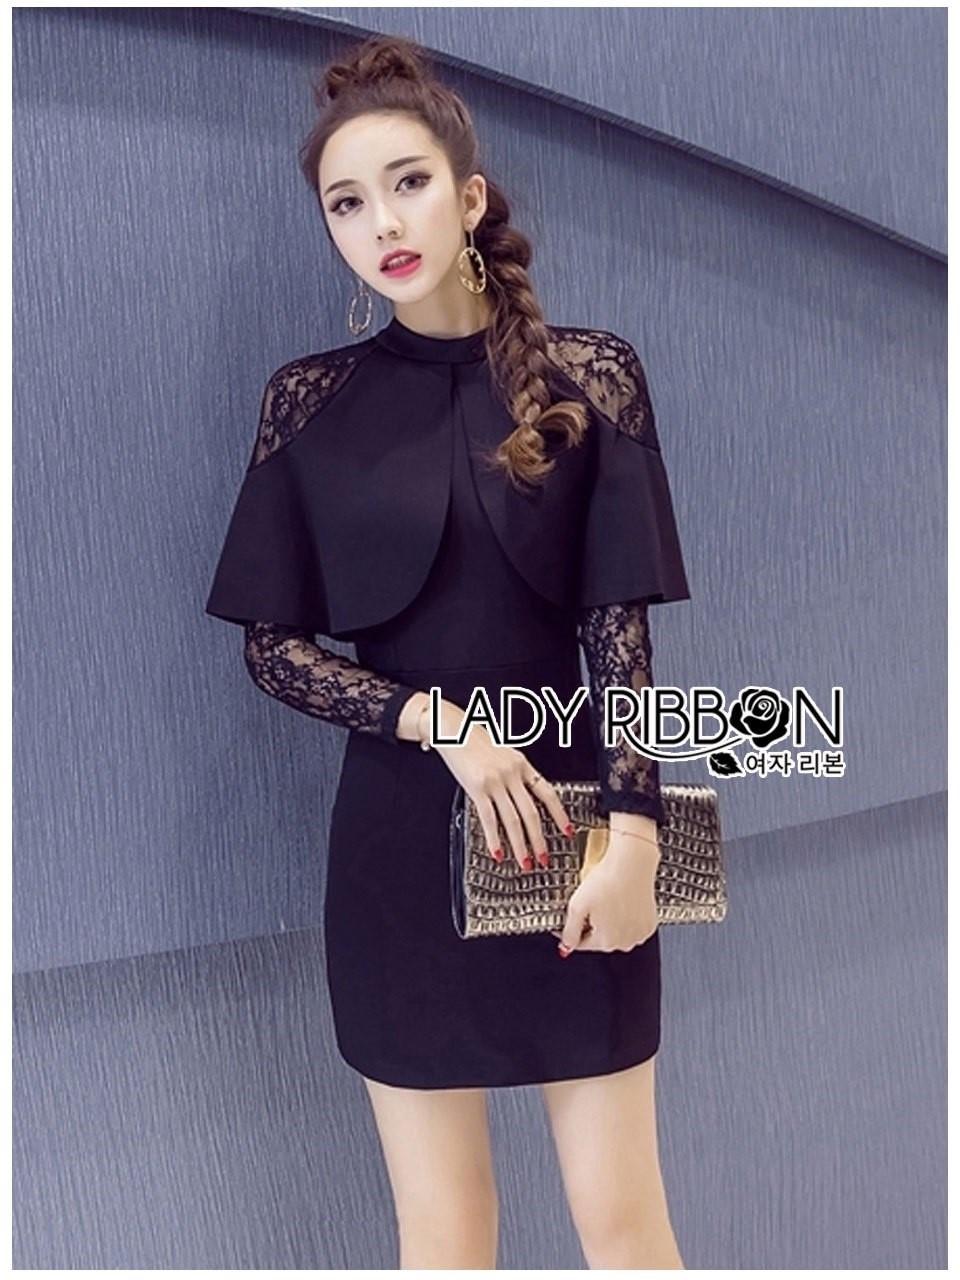 &#x1F380 Lady Ribbon's Made &#x1F380 Lady Jennifer Twisted Ruffle Lace and Crepe Mini Dress